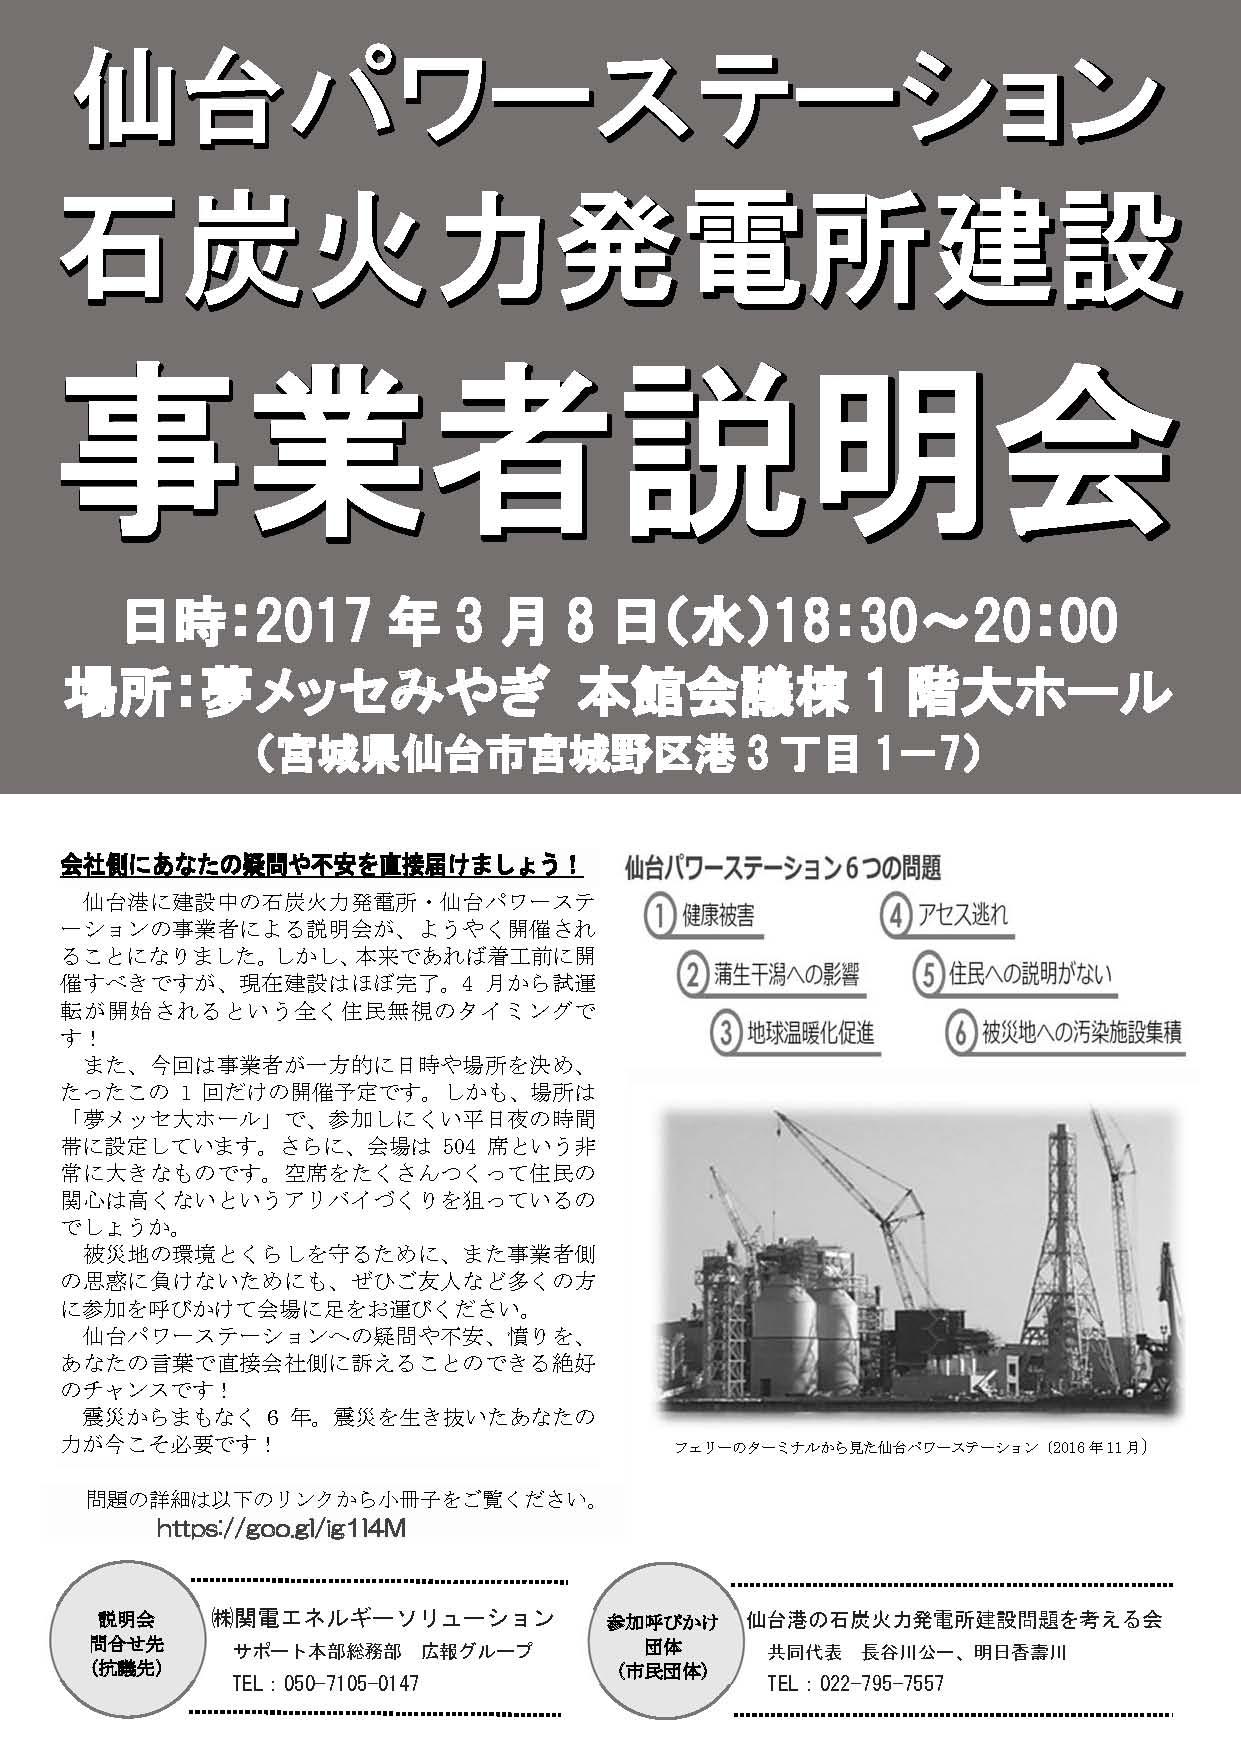 仙台PS事業者説明会チラシ(印刷用・モノクロ)